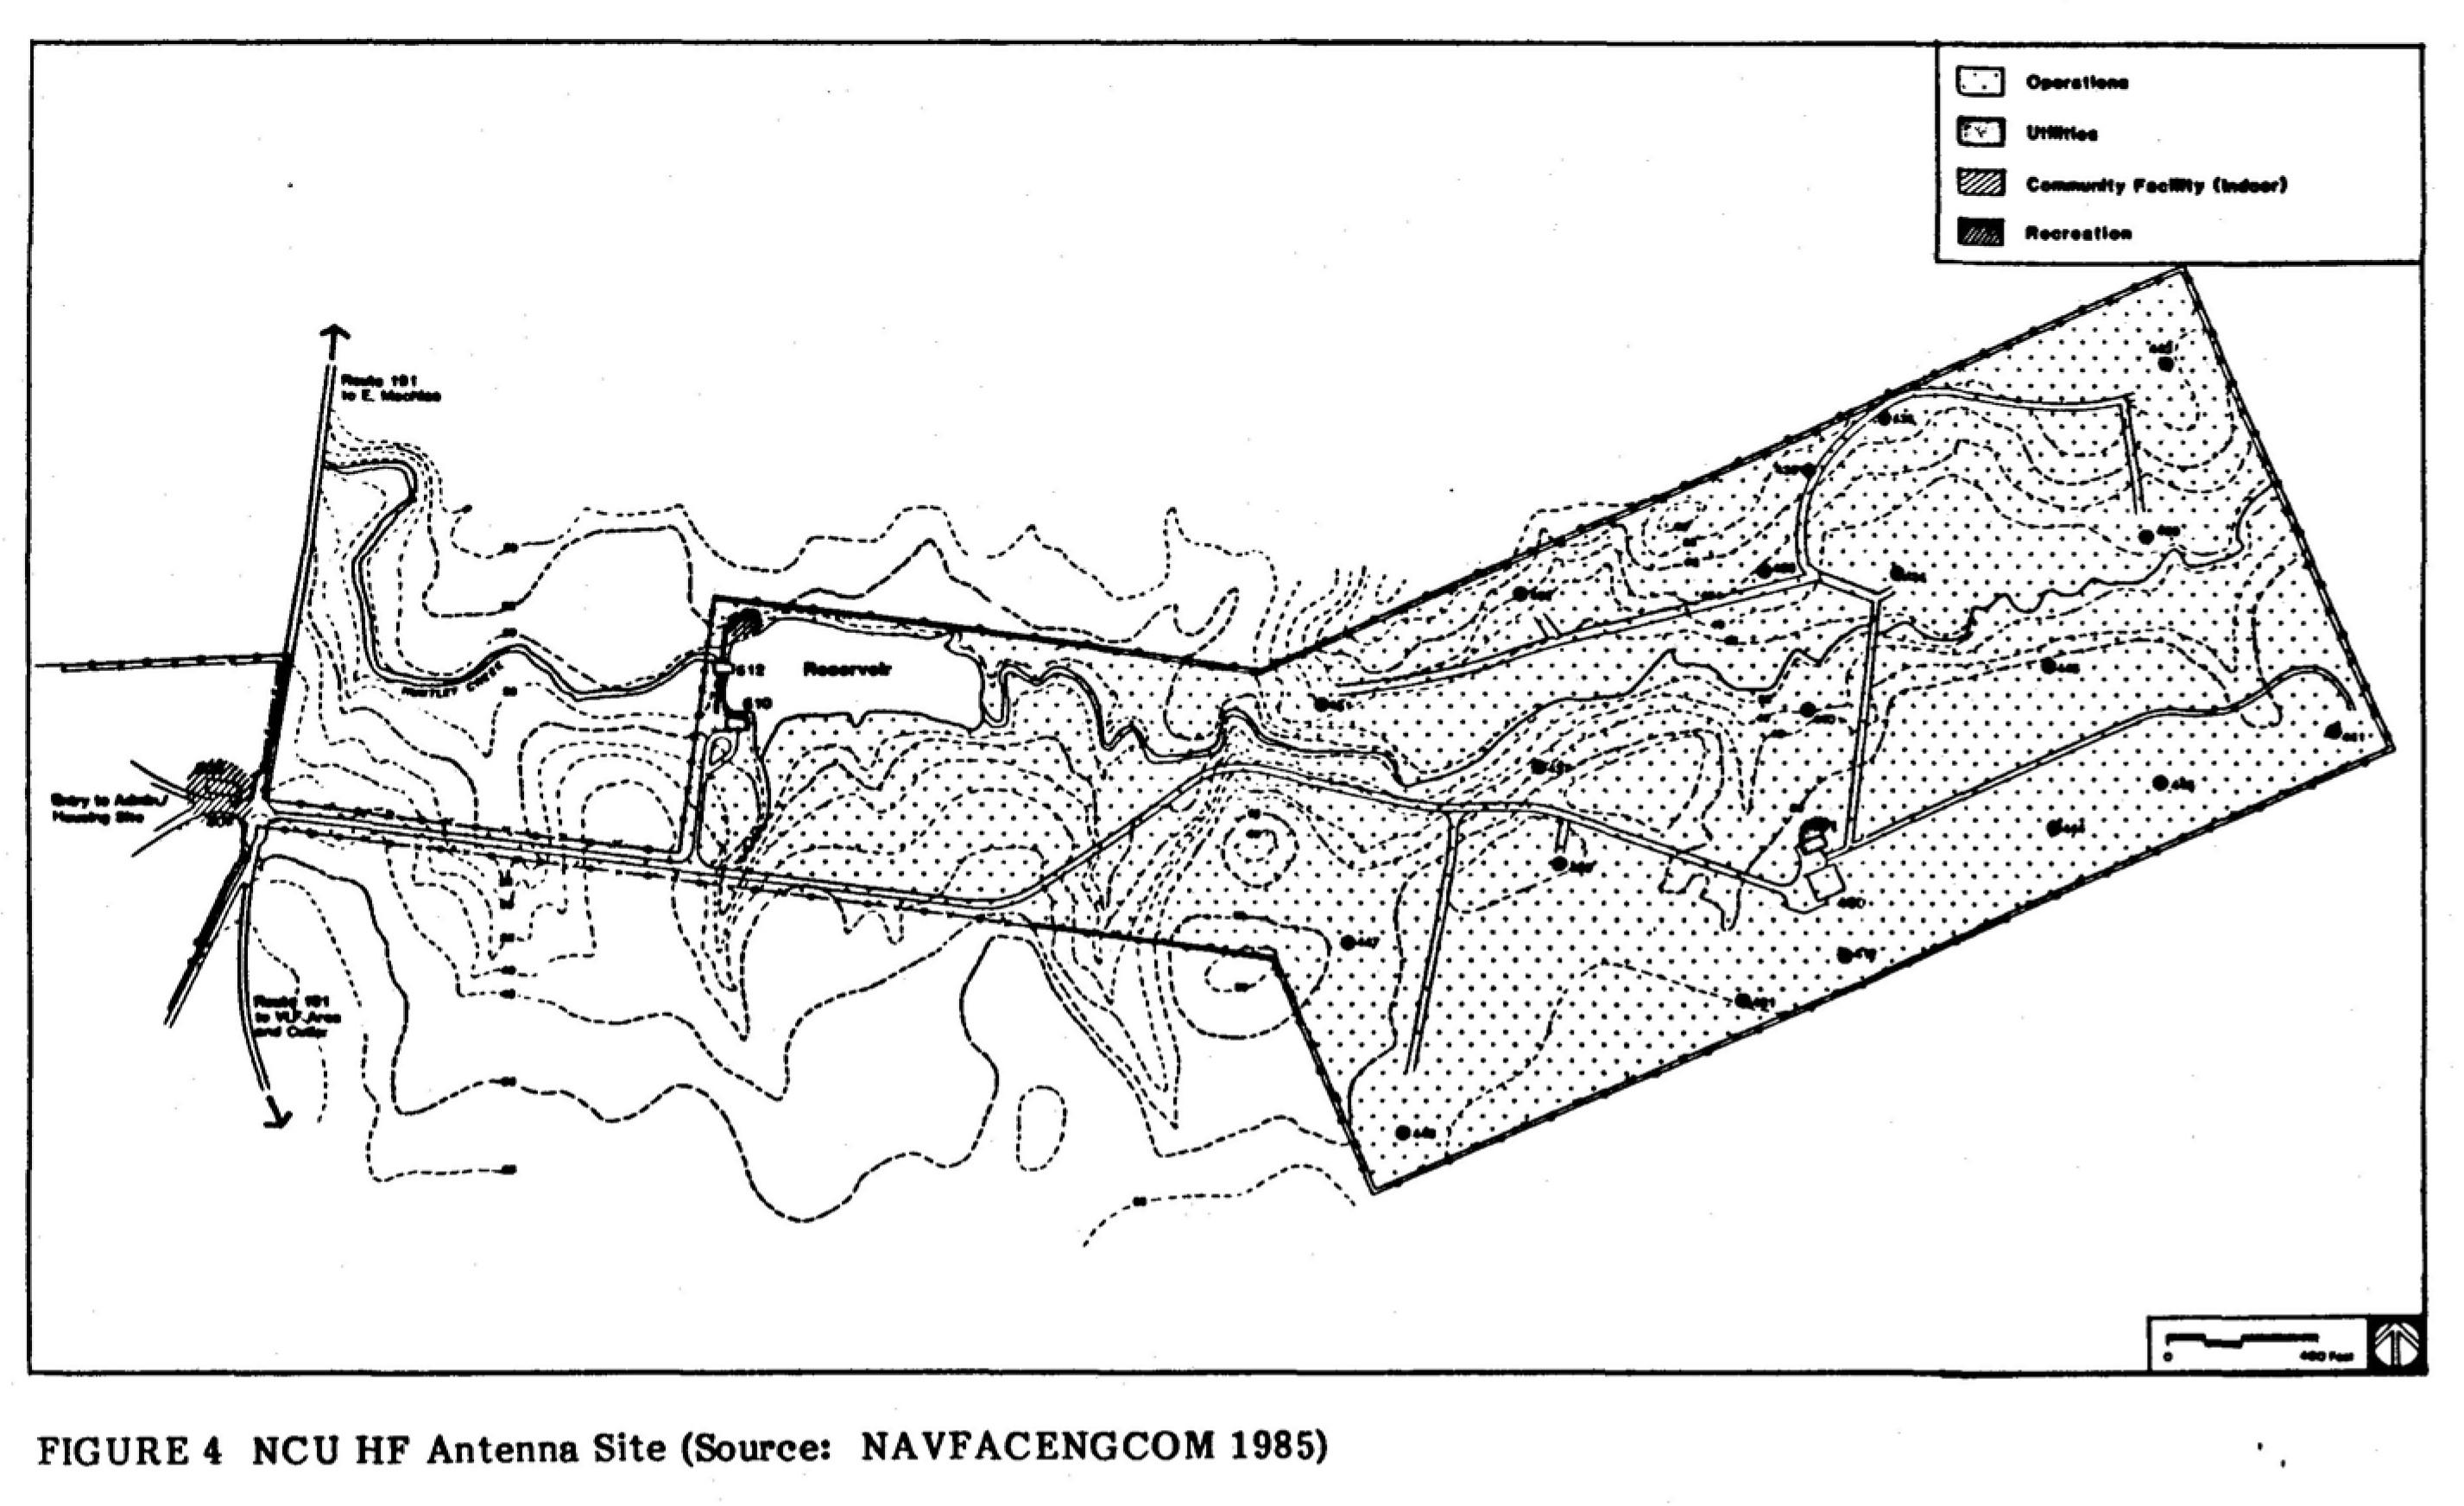 NAA Cutler Maine - Navy VLF Transmitter Site